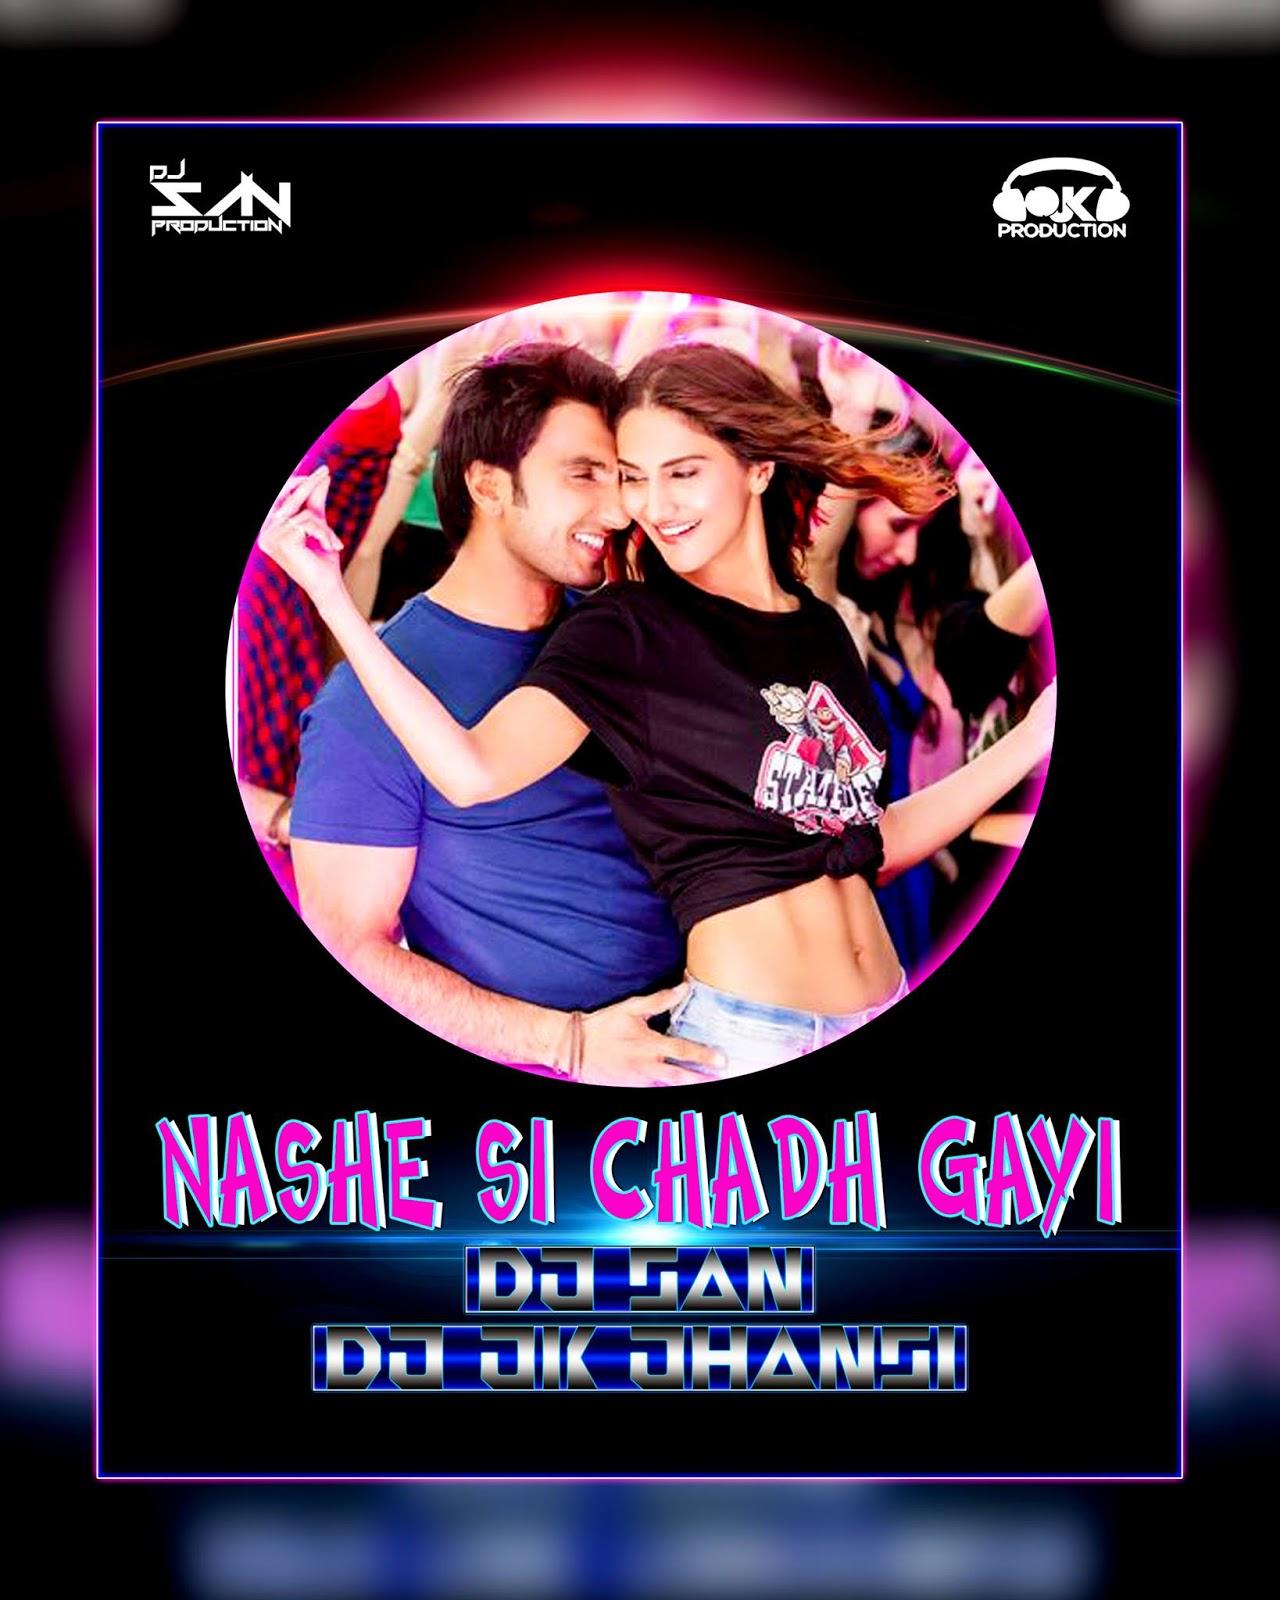 Bhagwa Rang Dj: DJ JK Jhansi Feat DJ San